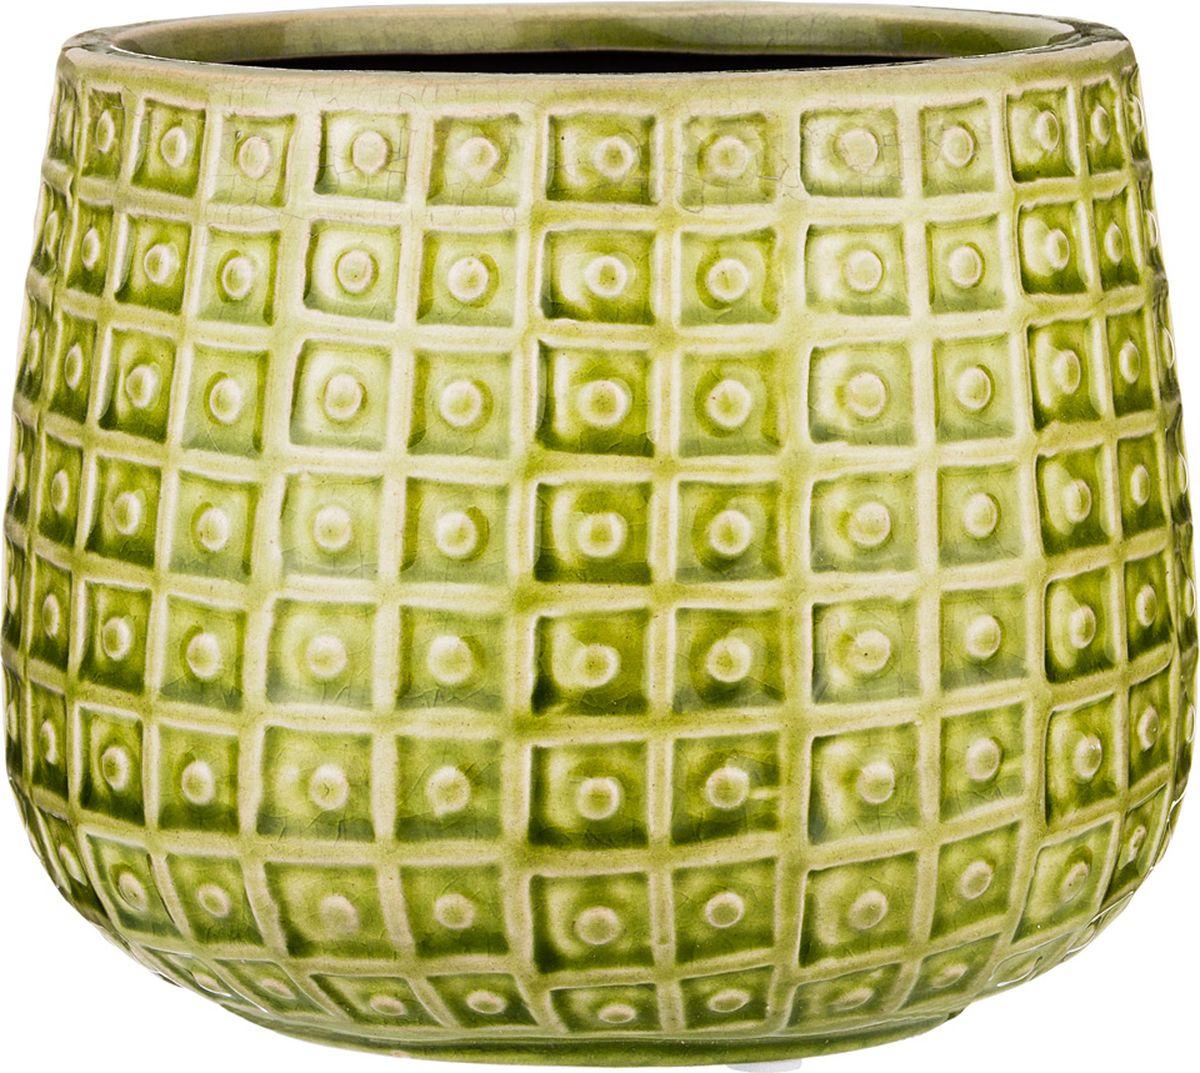 Ваза Lefard, цвет: светло-зеленый, 15,5 х 15,5 х 13 см ваза lefard цвет серебристый 13 х 13 х 12 см